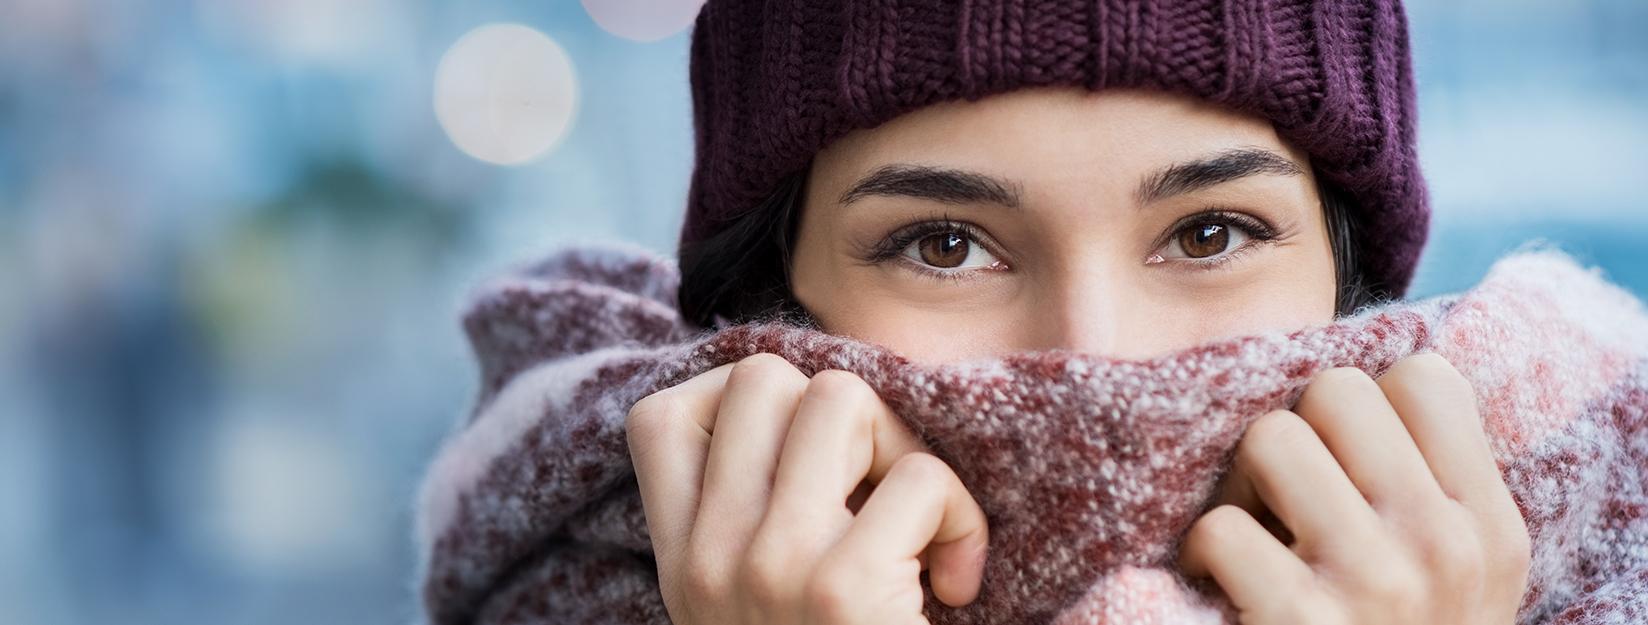 Resultado de imagen para cuidados de la piel en invierno